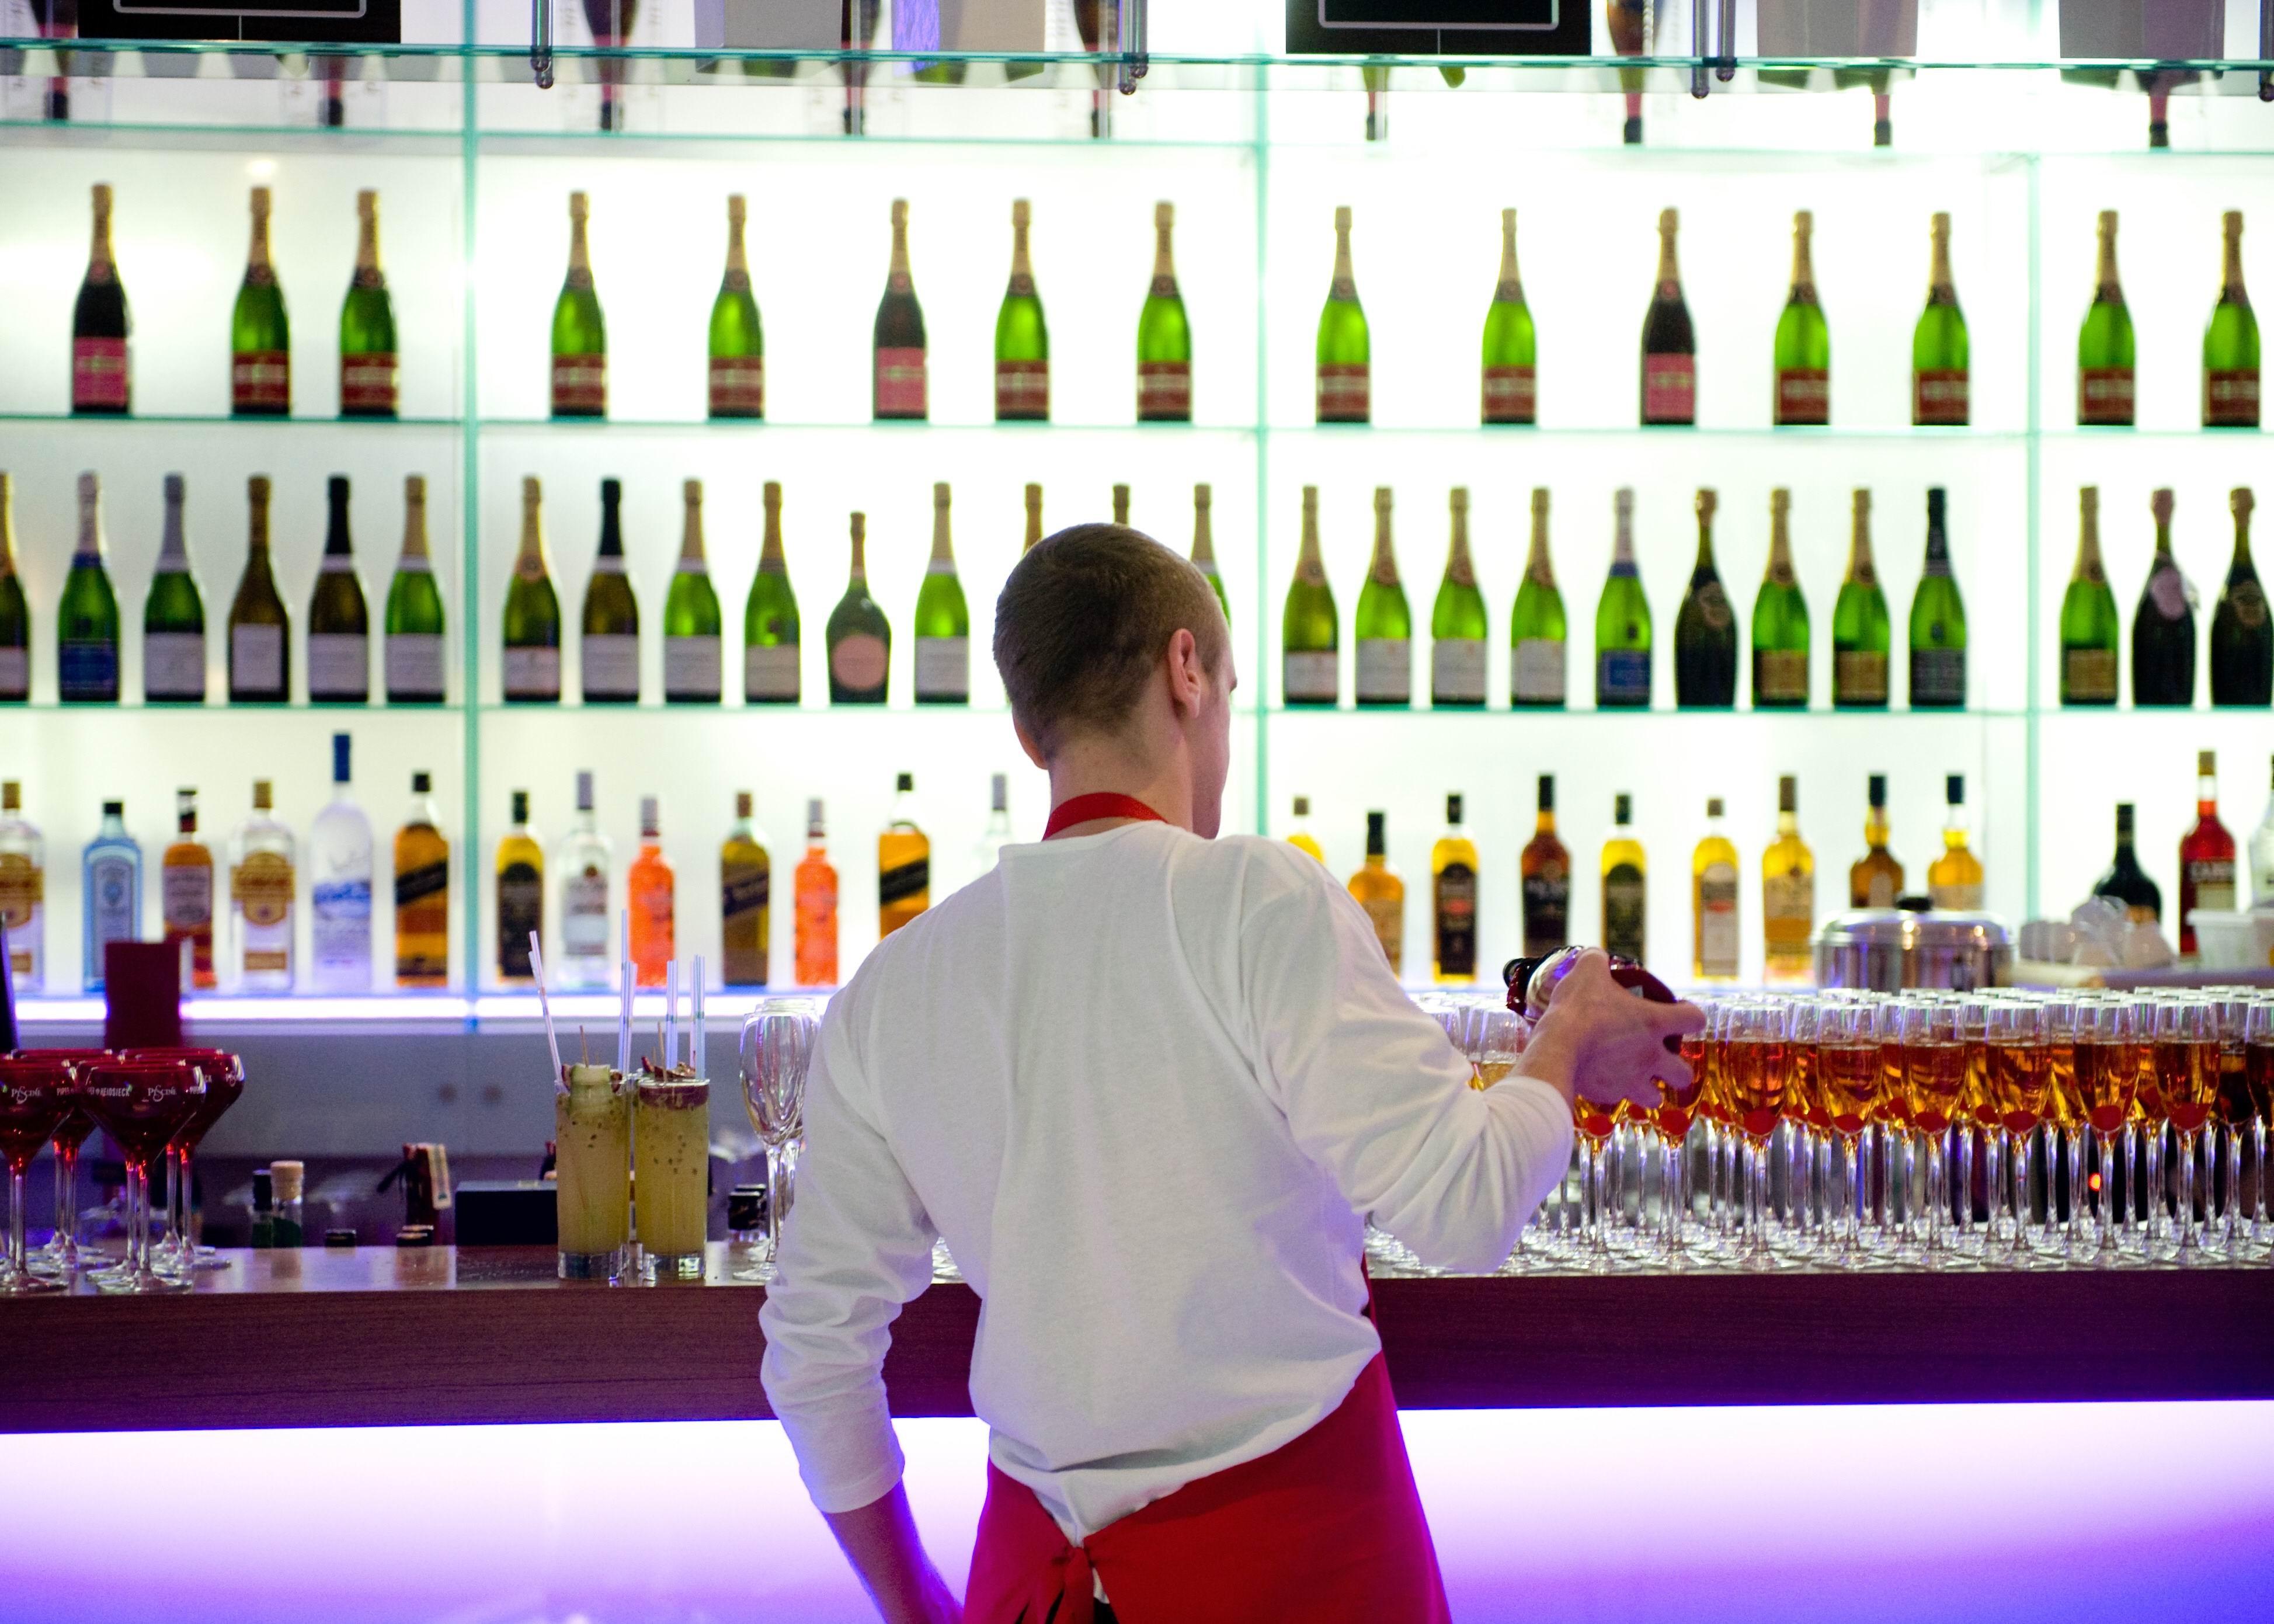 Украинцев ждет резкое подорожание алкоголя: как не купить фальсификат и сколько придется платить